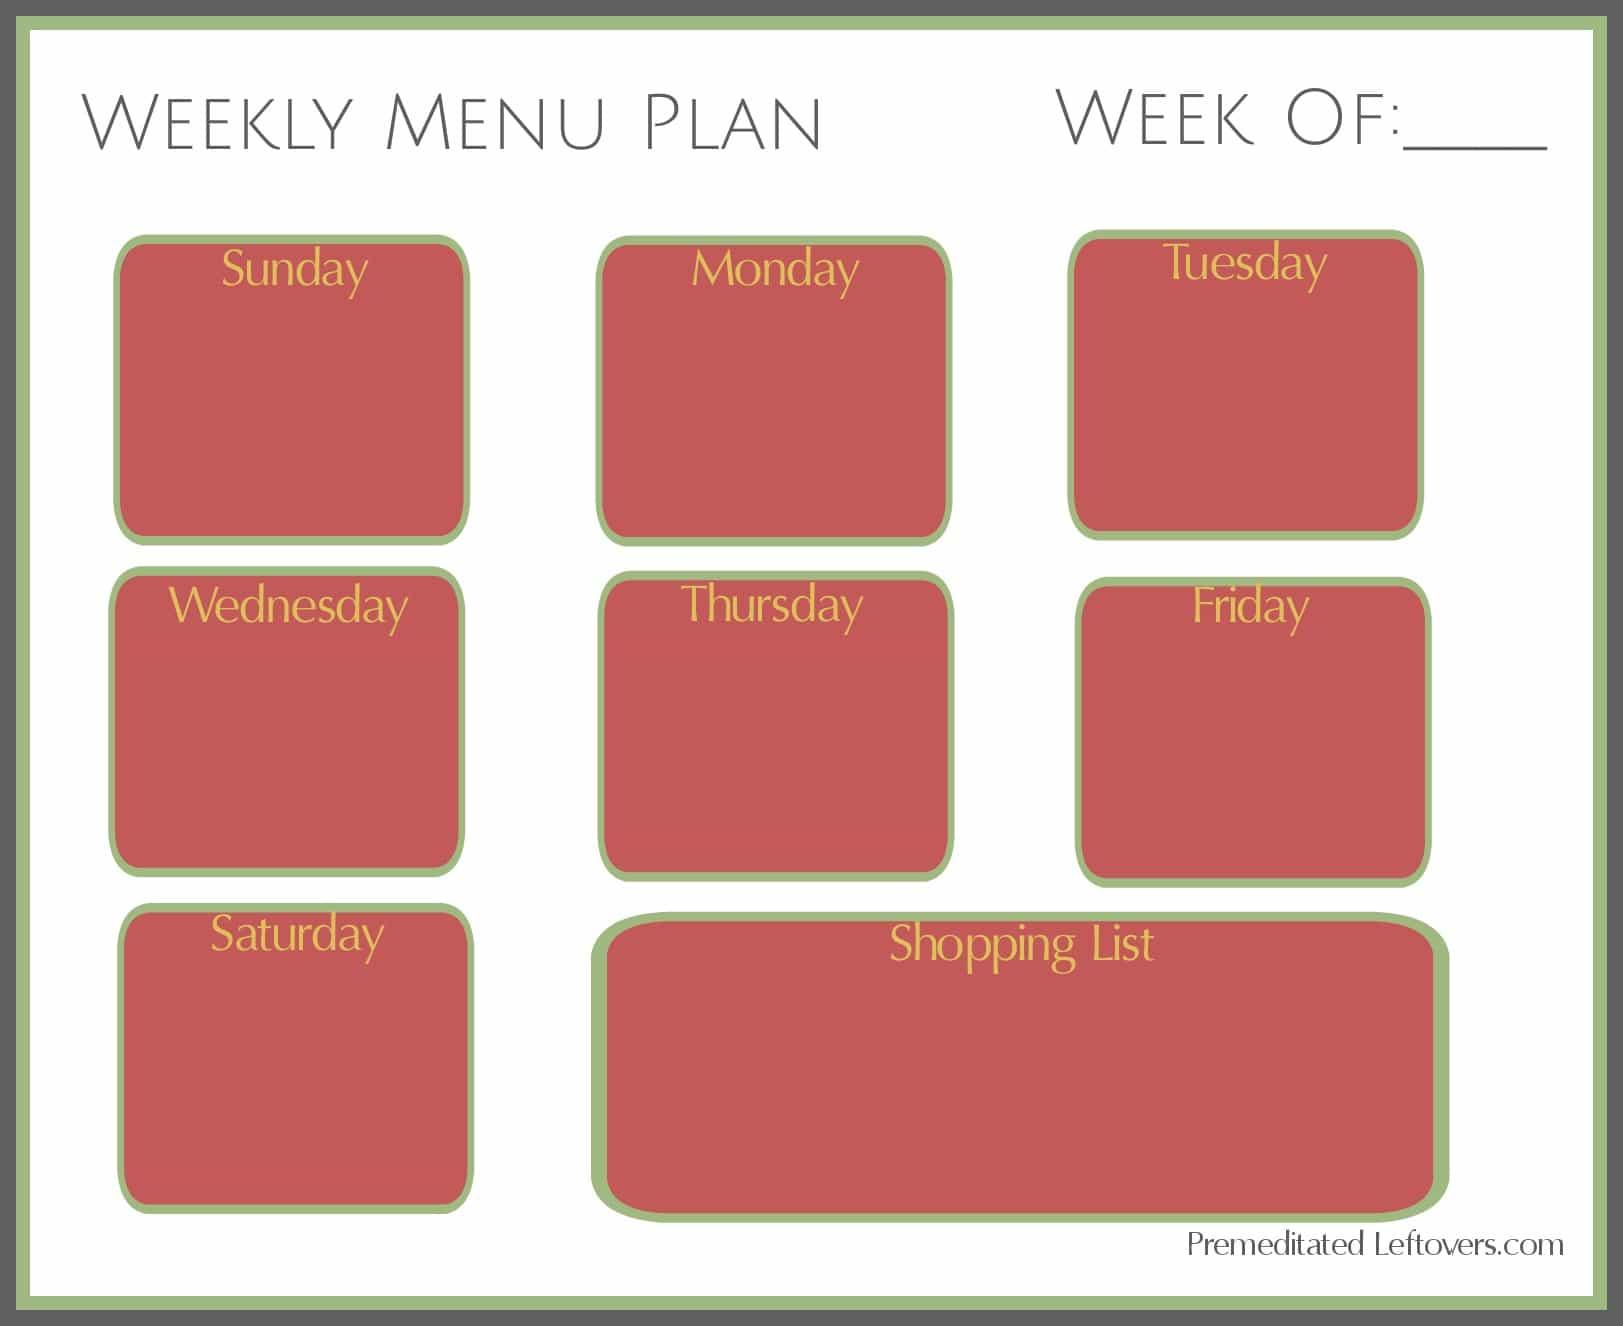 Free Printable Weekly Menu Plan